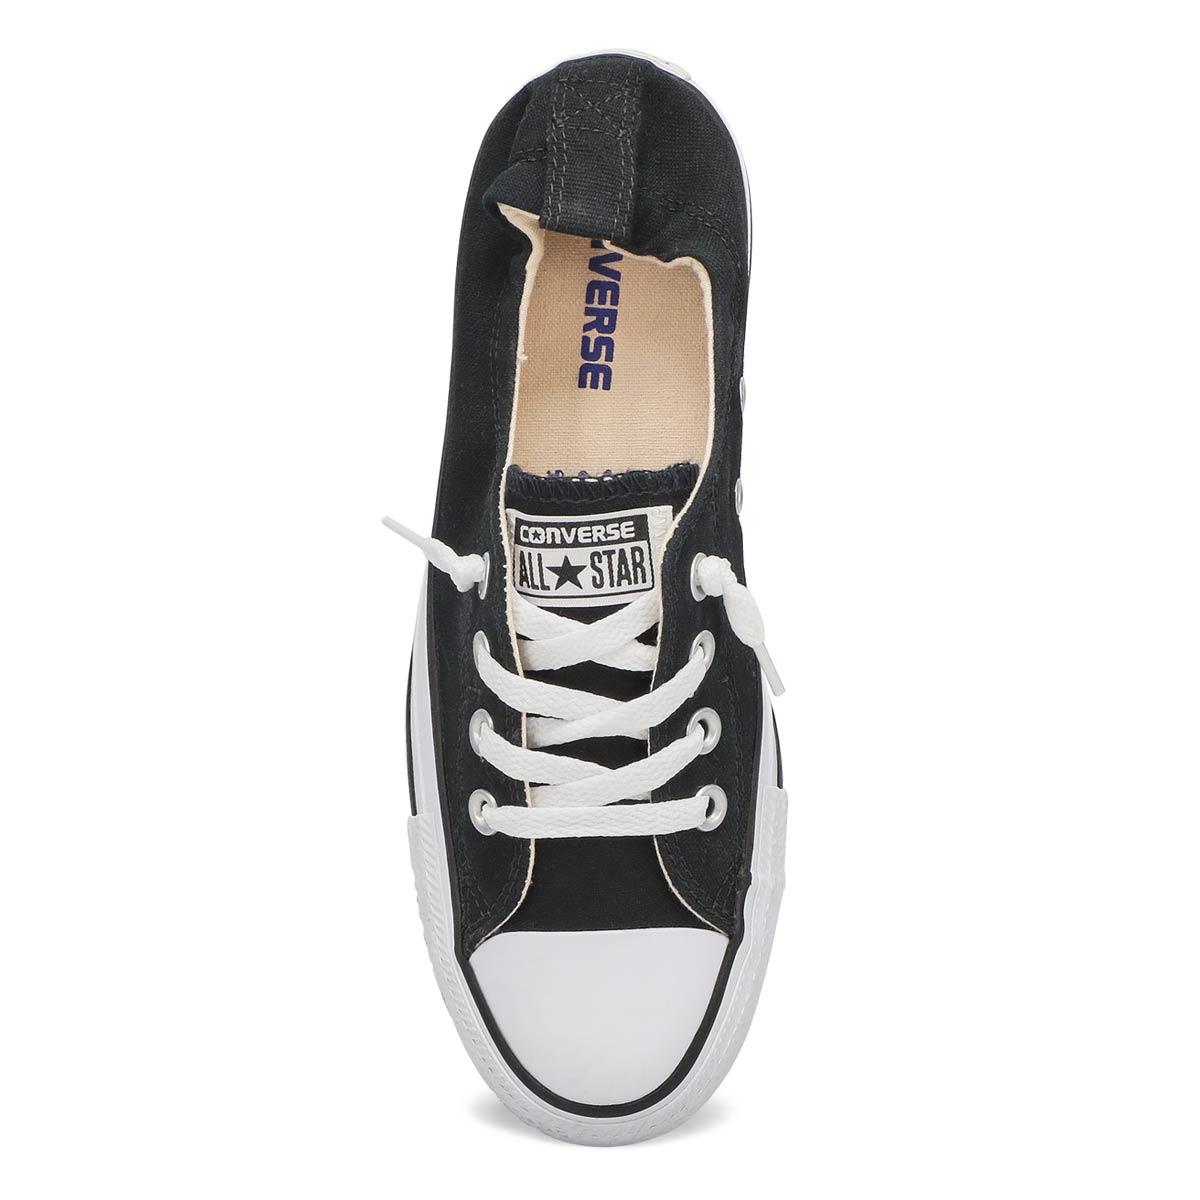 Lds CT A/S Shoreline black sneaker